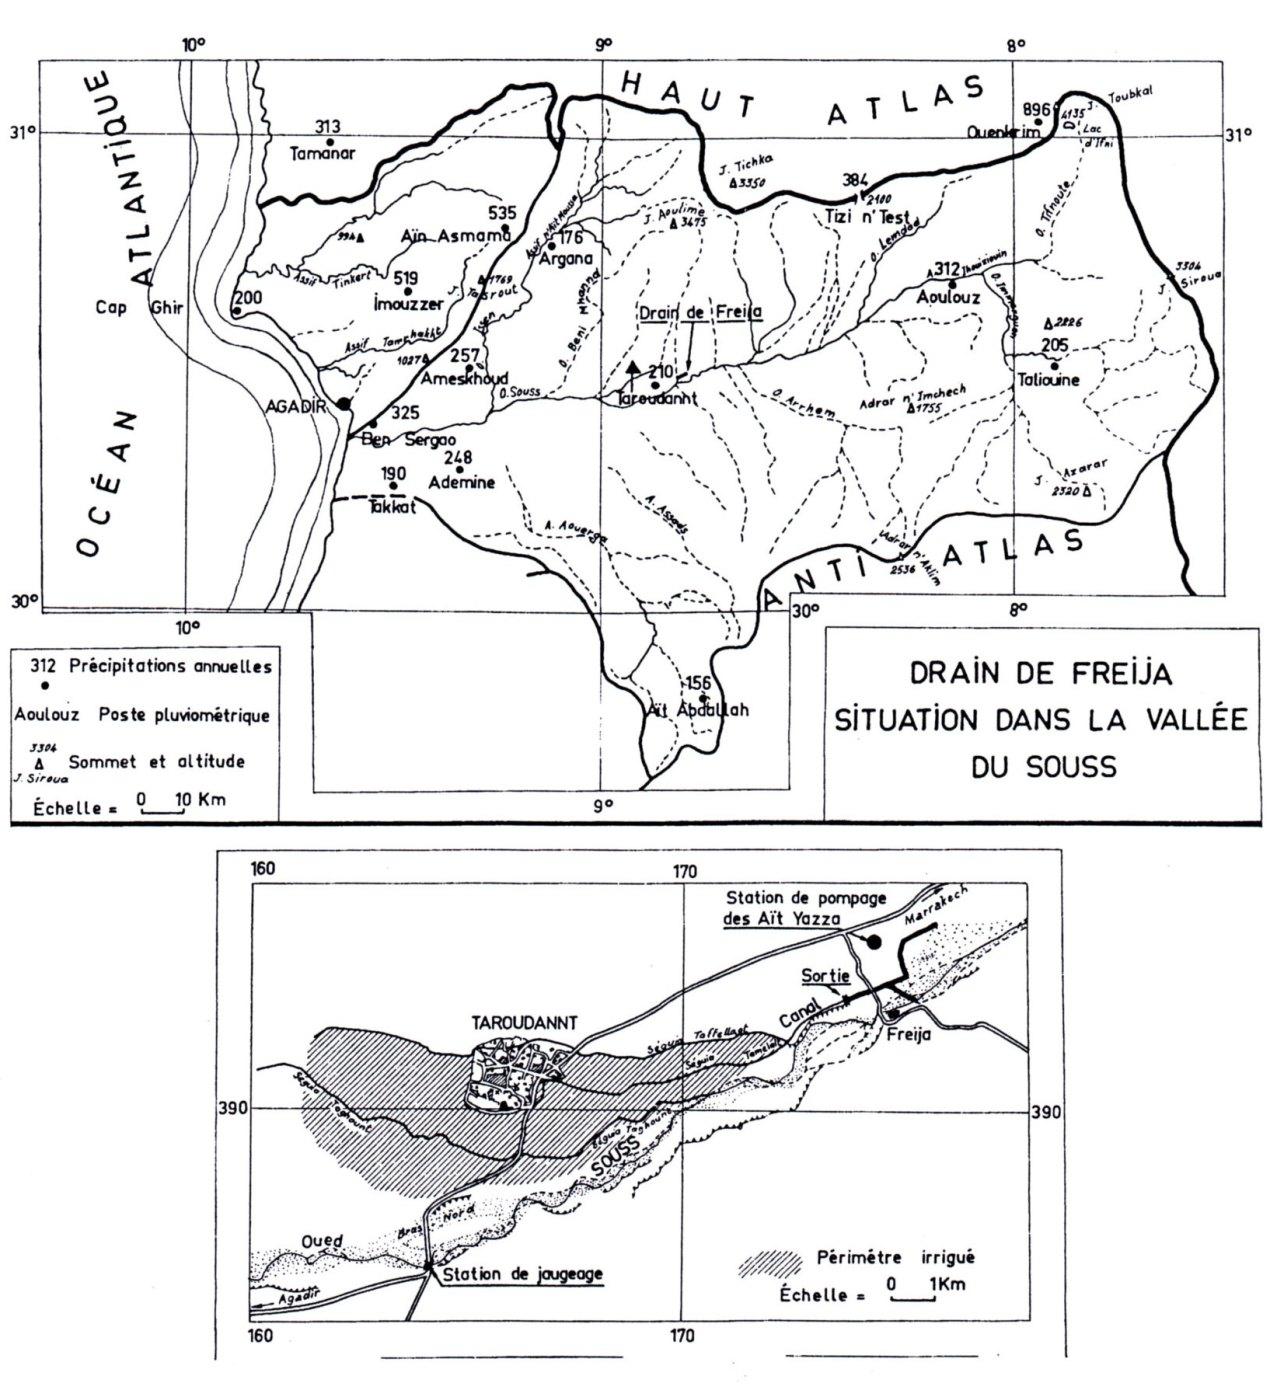 Situation du drain dans la vallée du Souss